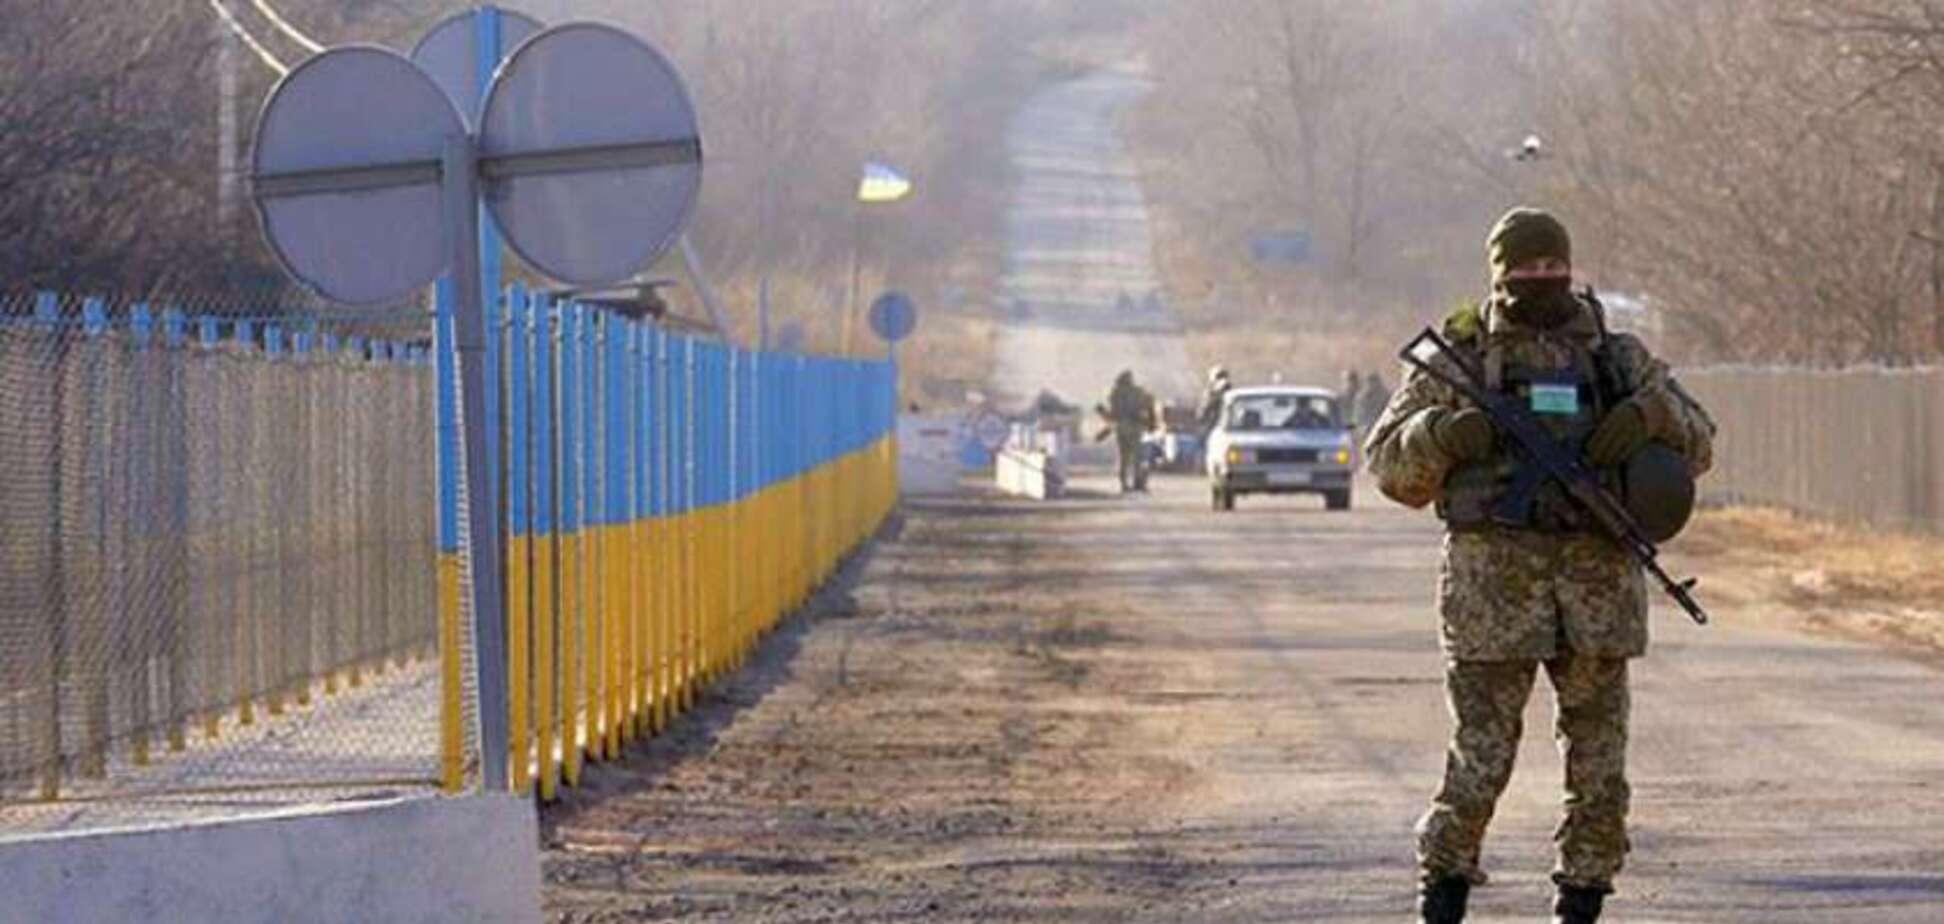 'Буде розростатися!' В Україні вказали на 'ракову пухлину', створену Кремлем